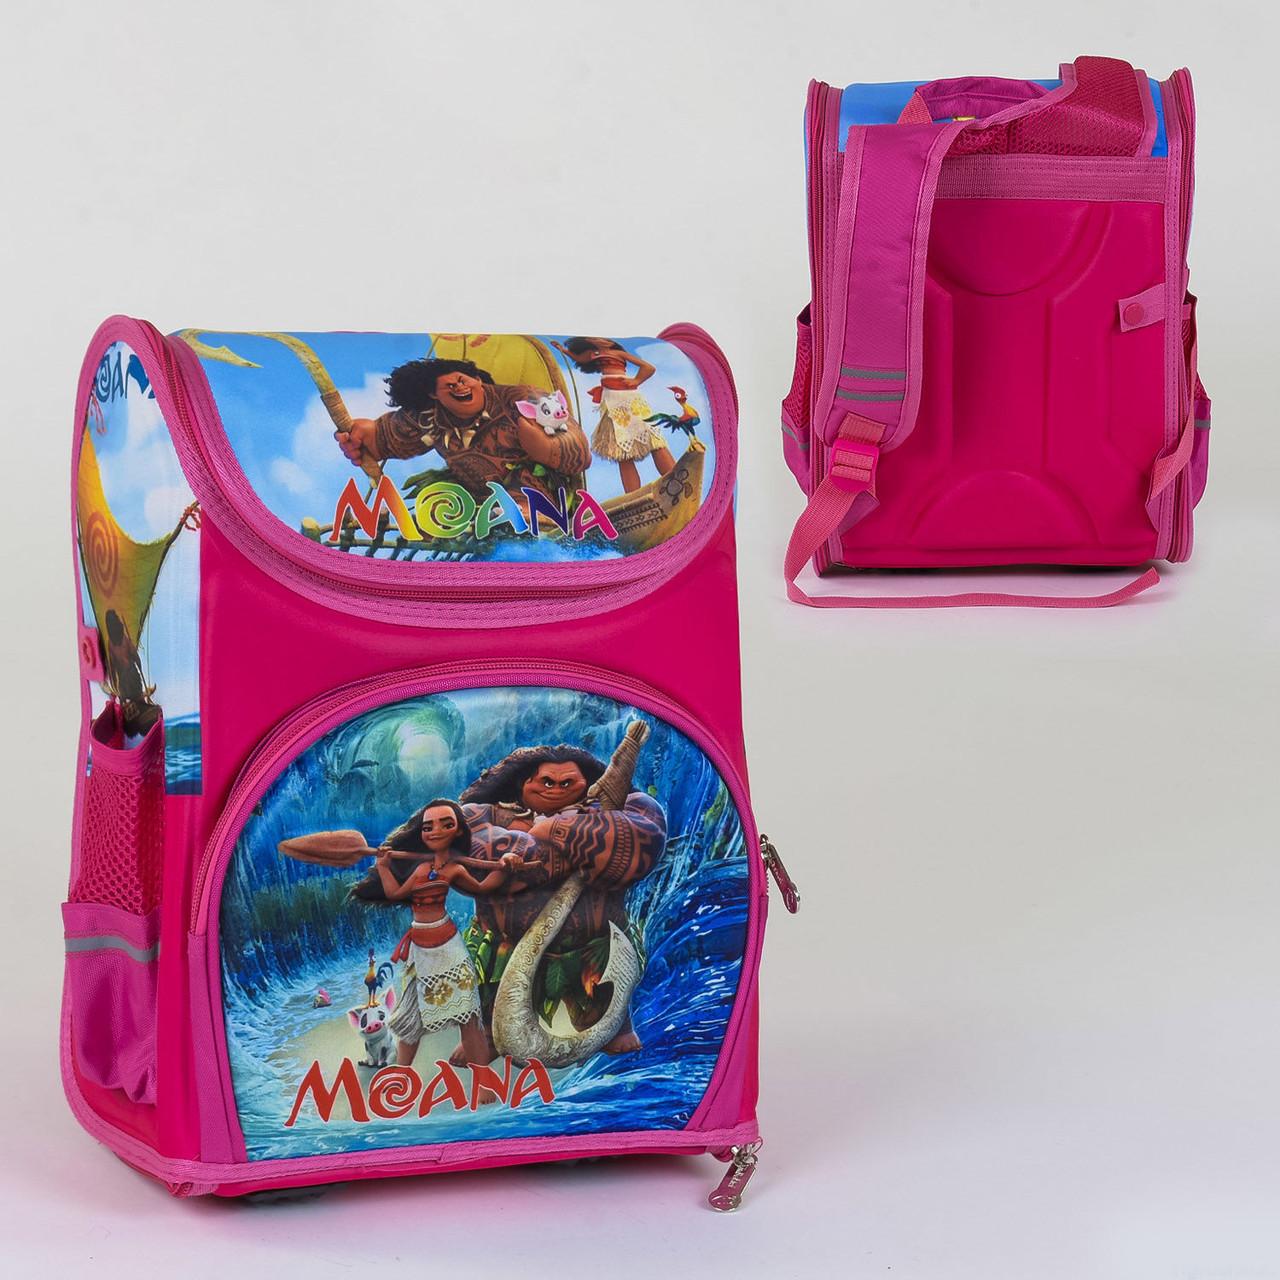 Рюкзак детский школьный каркасный для девочки Moana C 36167 с 3 карманами,спинкой ортопедической и 3D принт